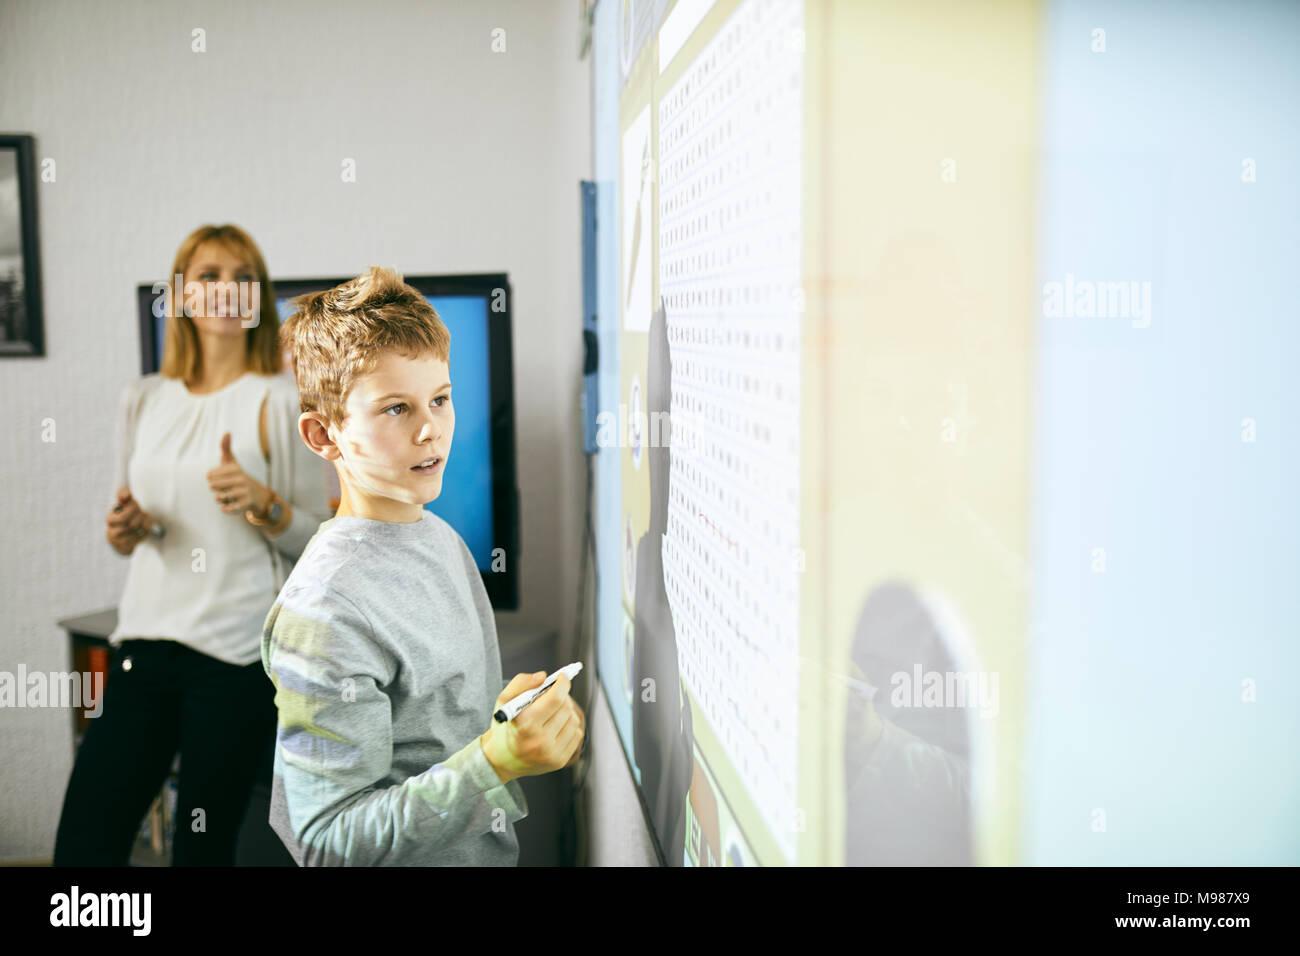 Élève de classe à l'enseignant avec tableau blanc interactif en arrière-plan Photo Stock